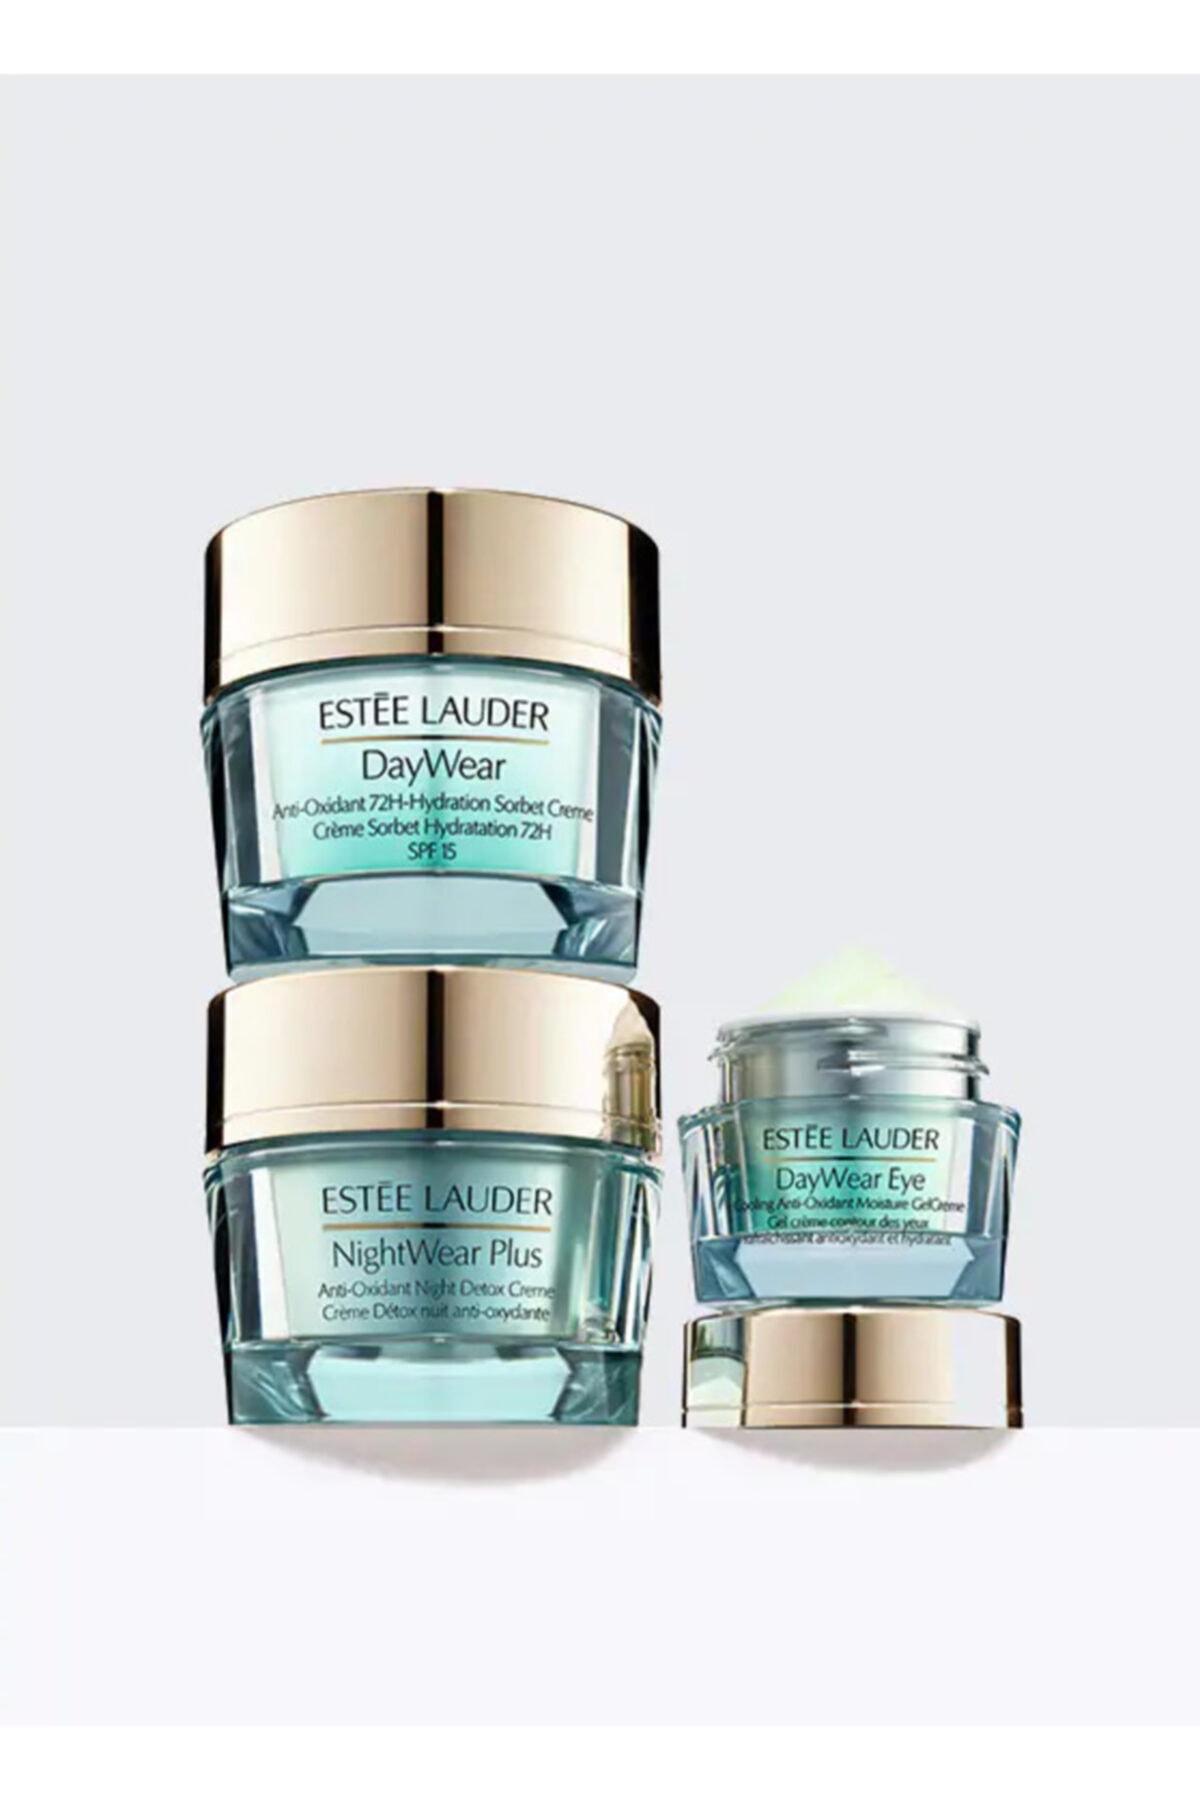 Estee Lauder Nemlendirici Cilt Bakım Seti - Daywear & Nightwear Essentials Nemlendirici Set - 887167482593 1